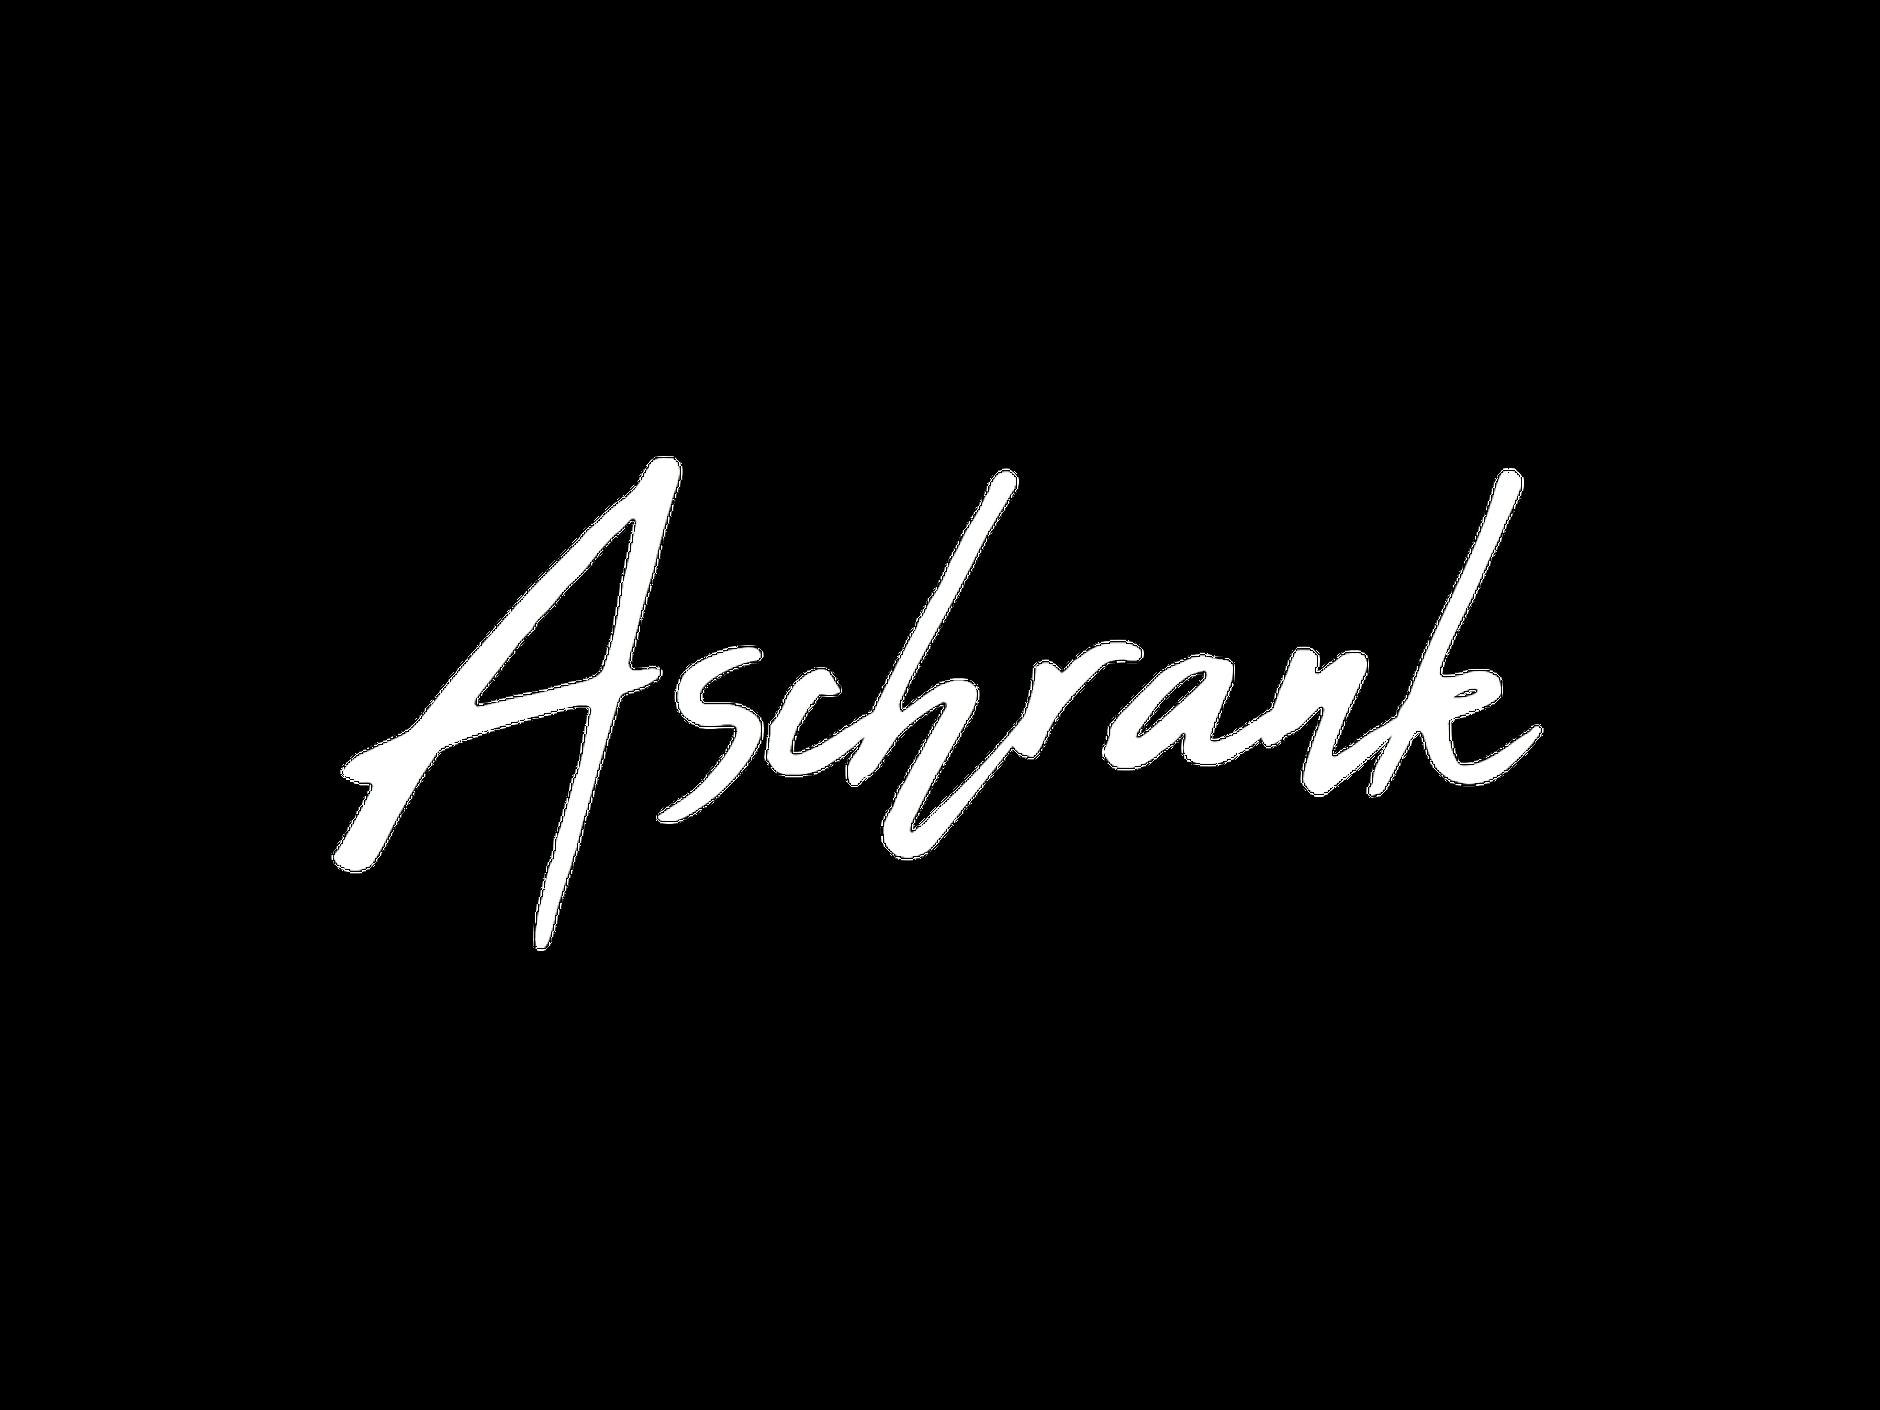 Aschrank